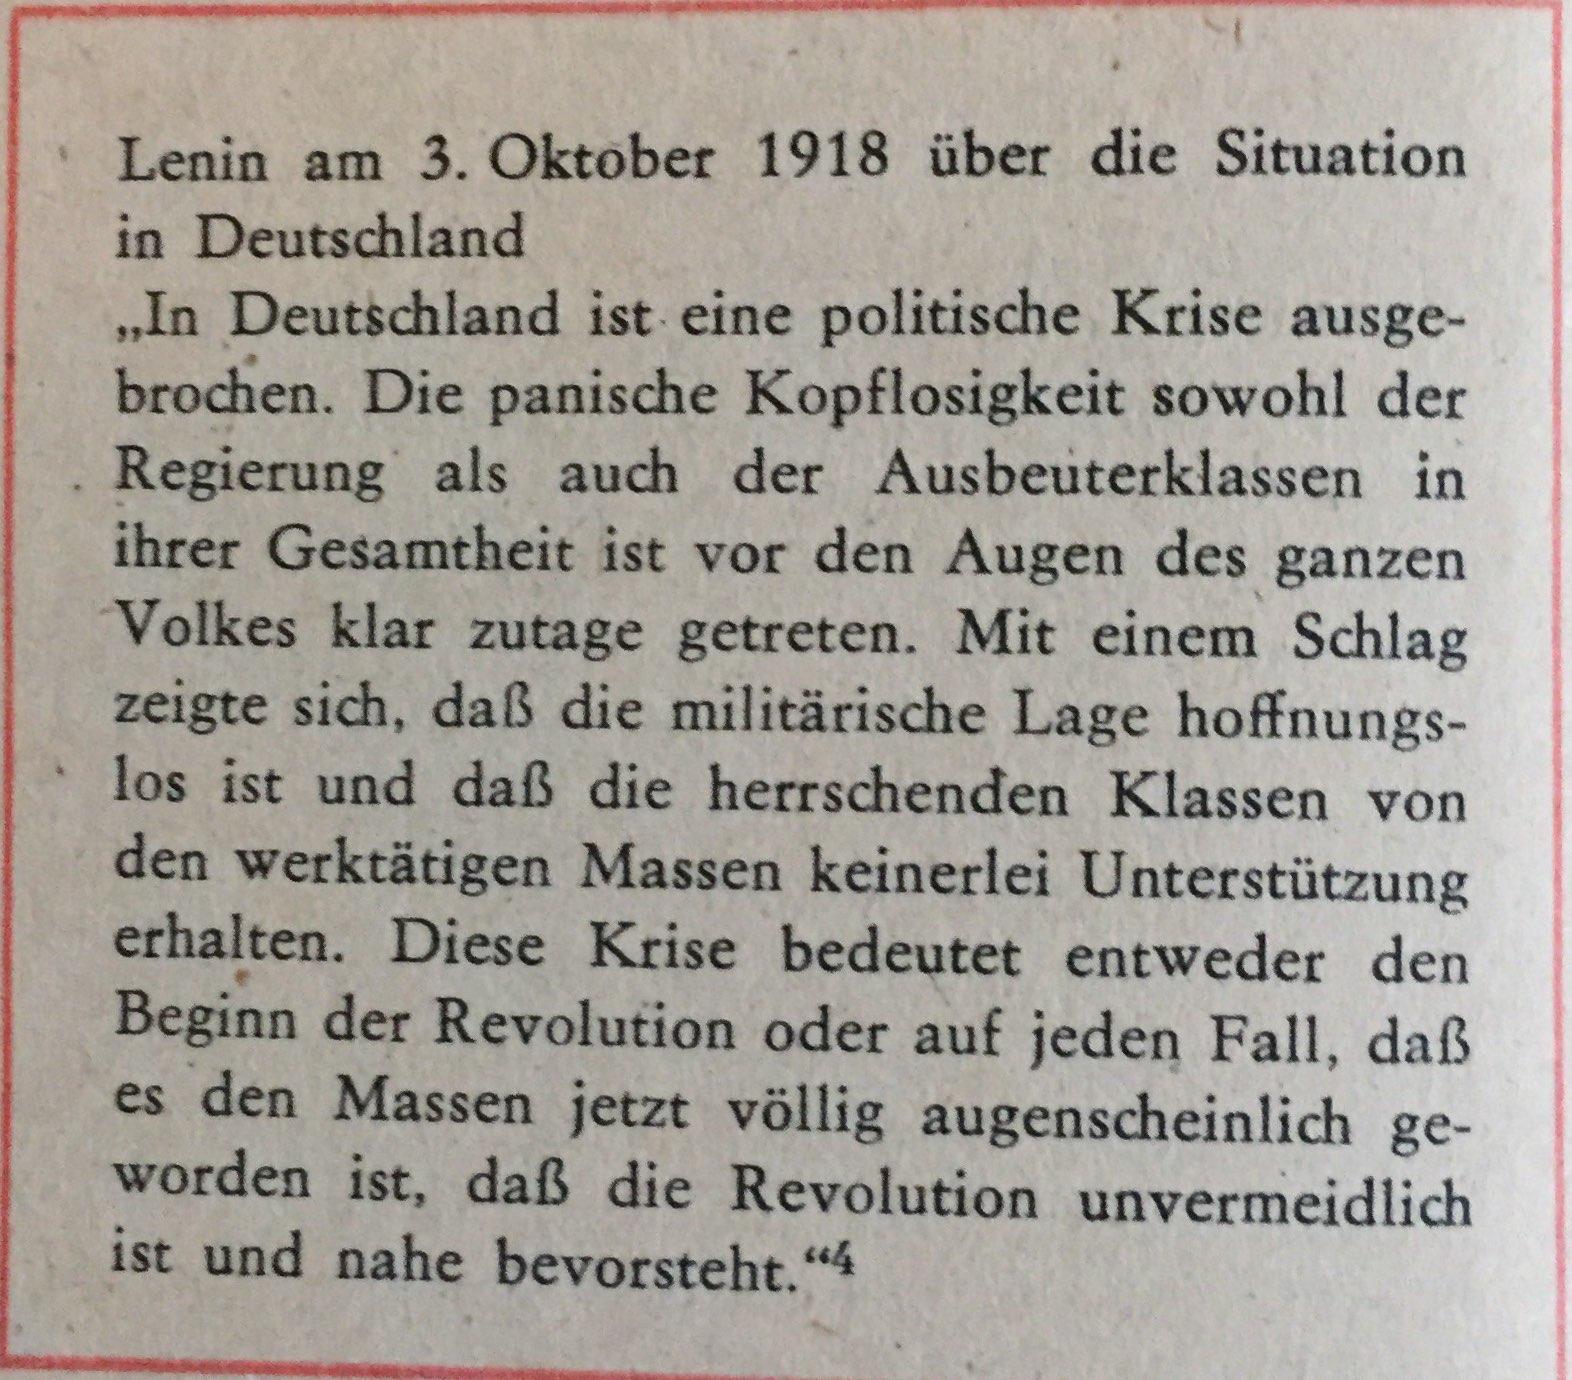 Das Heranreifen der Revolution in Deutschland 1917/1918